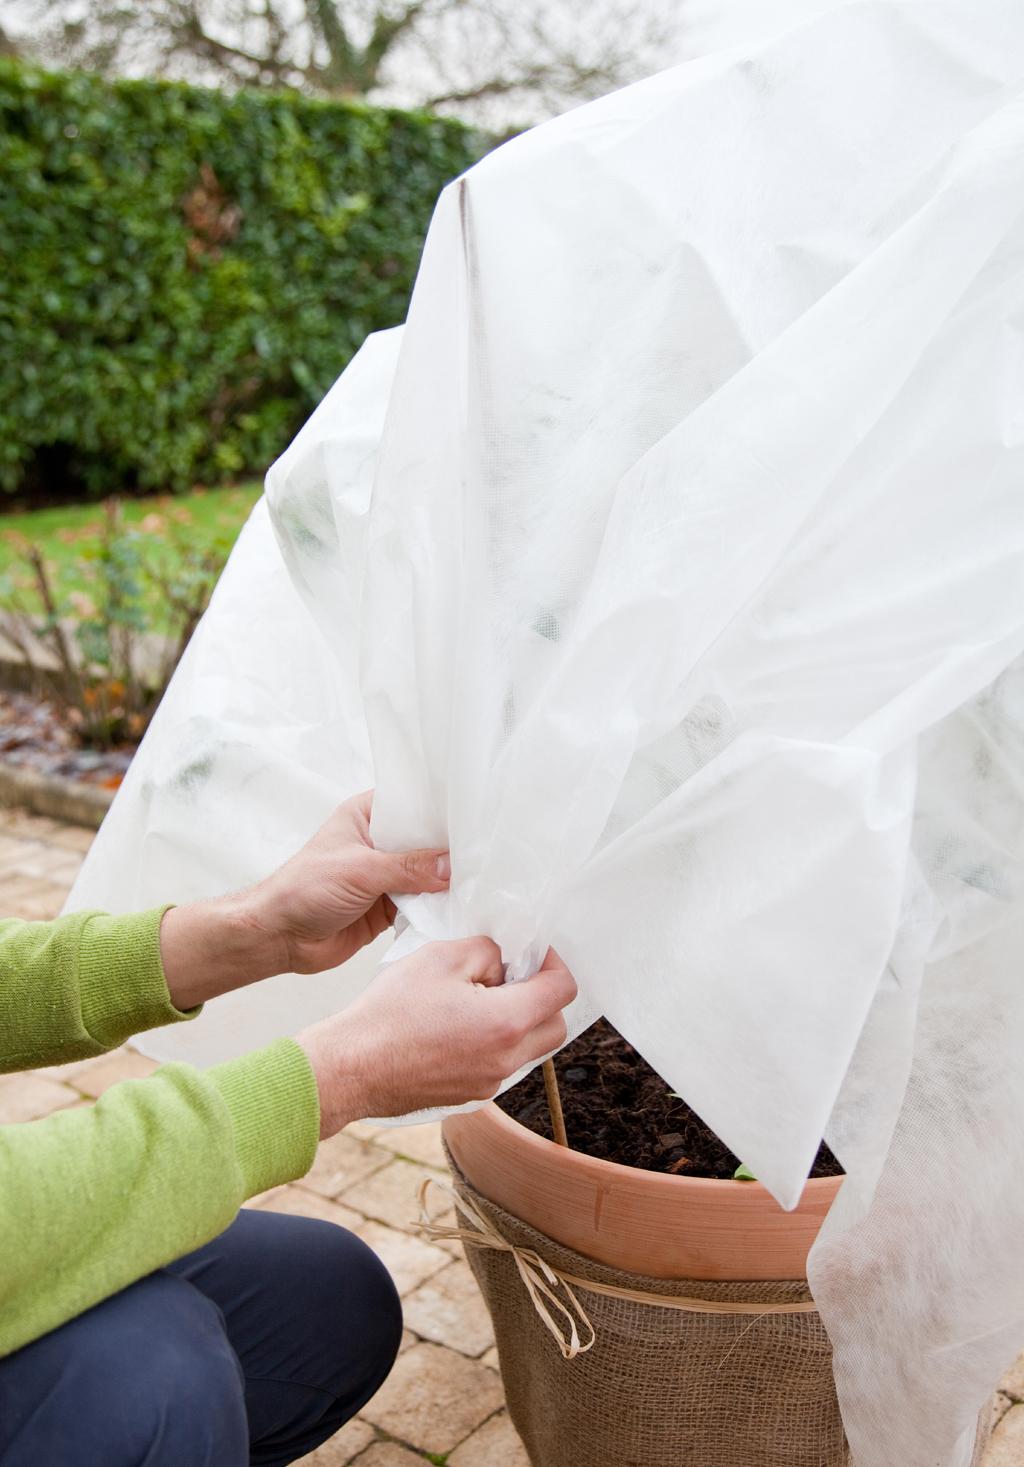 Protéger un citronnier avec un voile d'hivernage